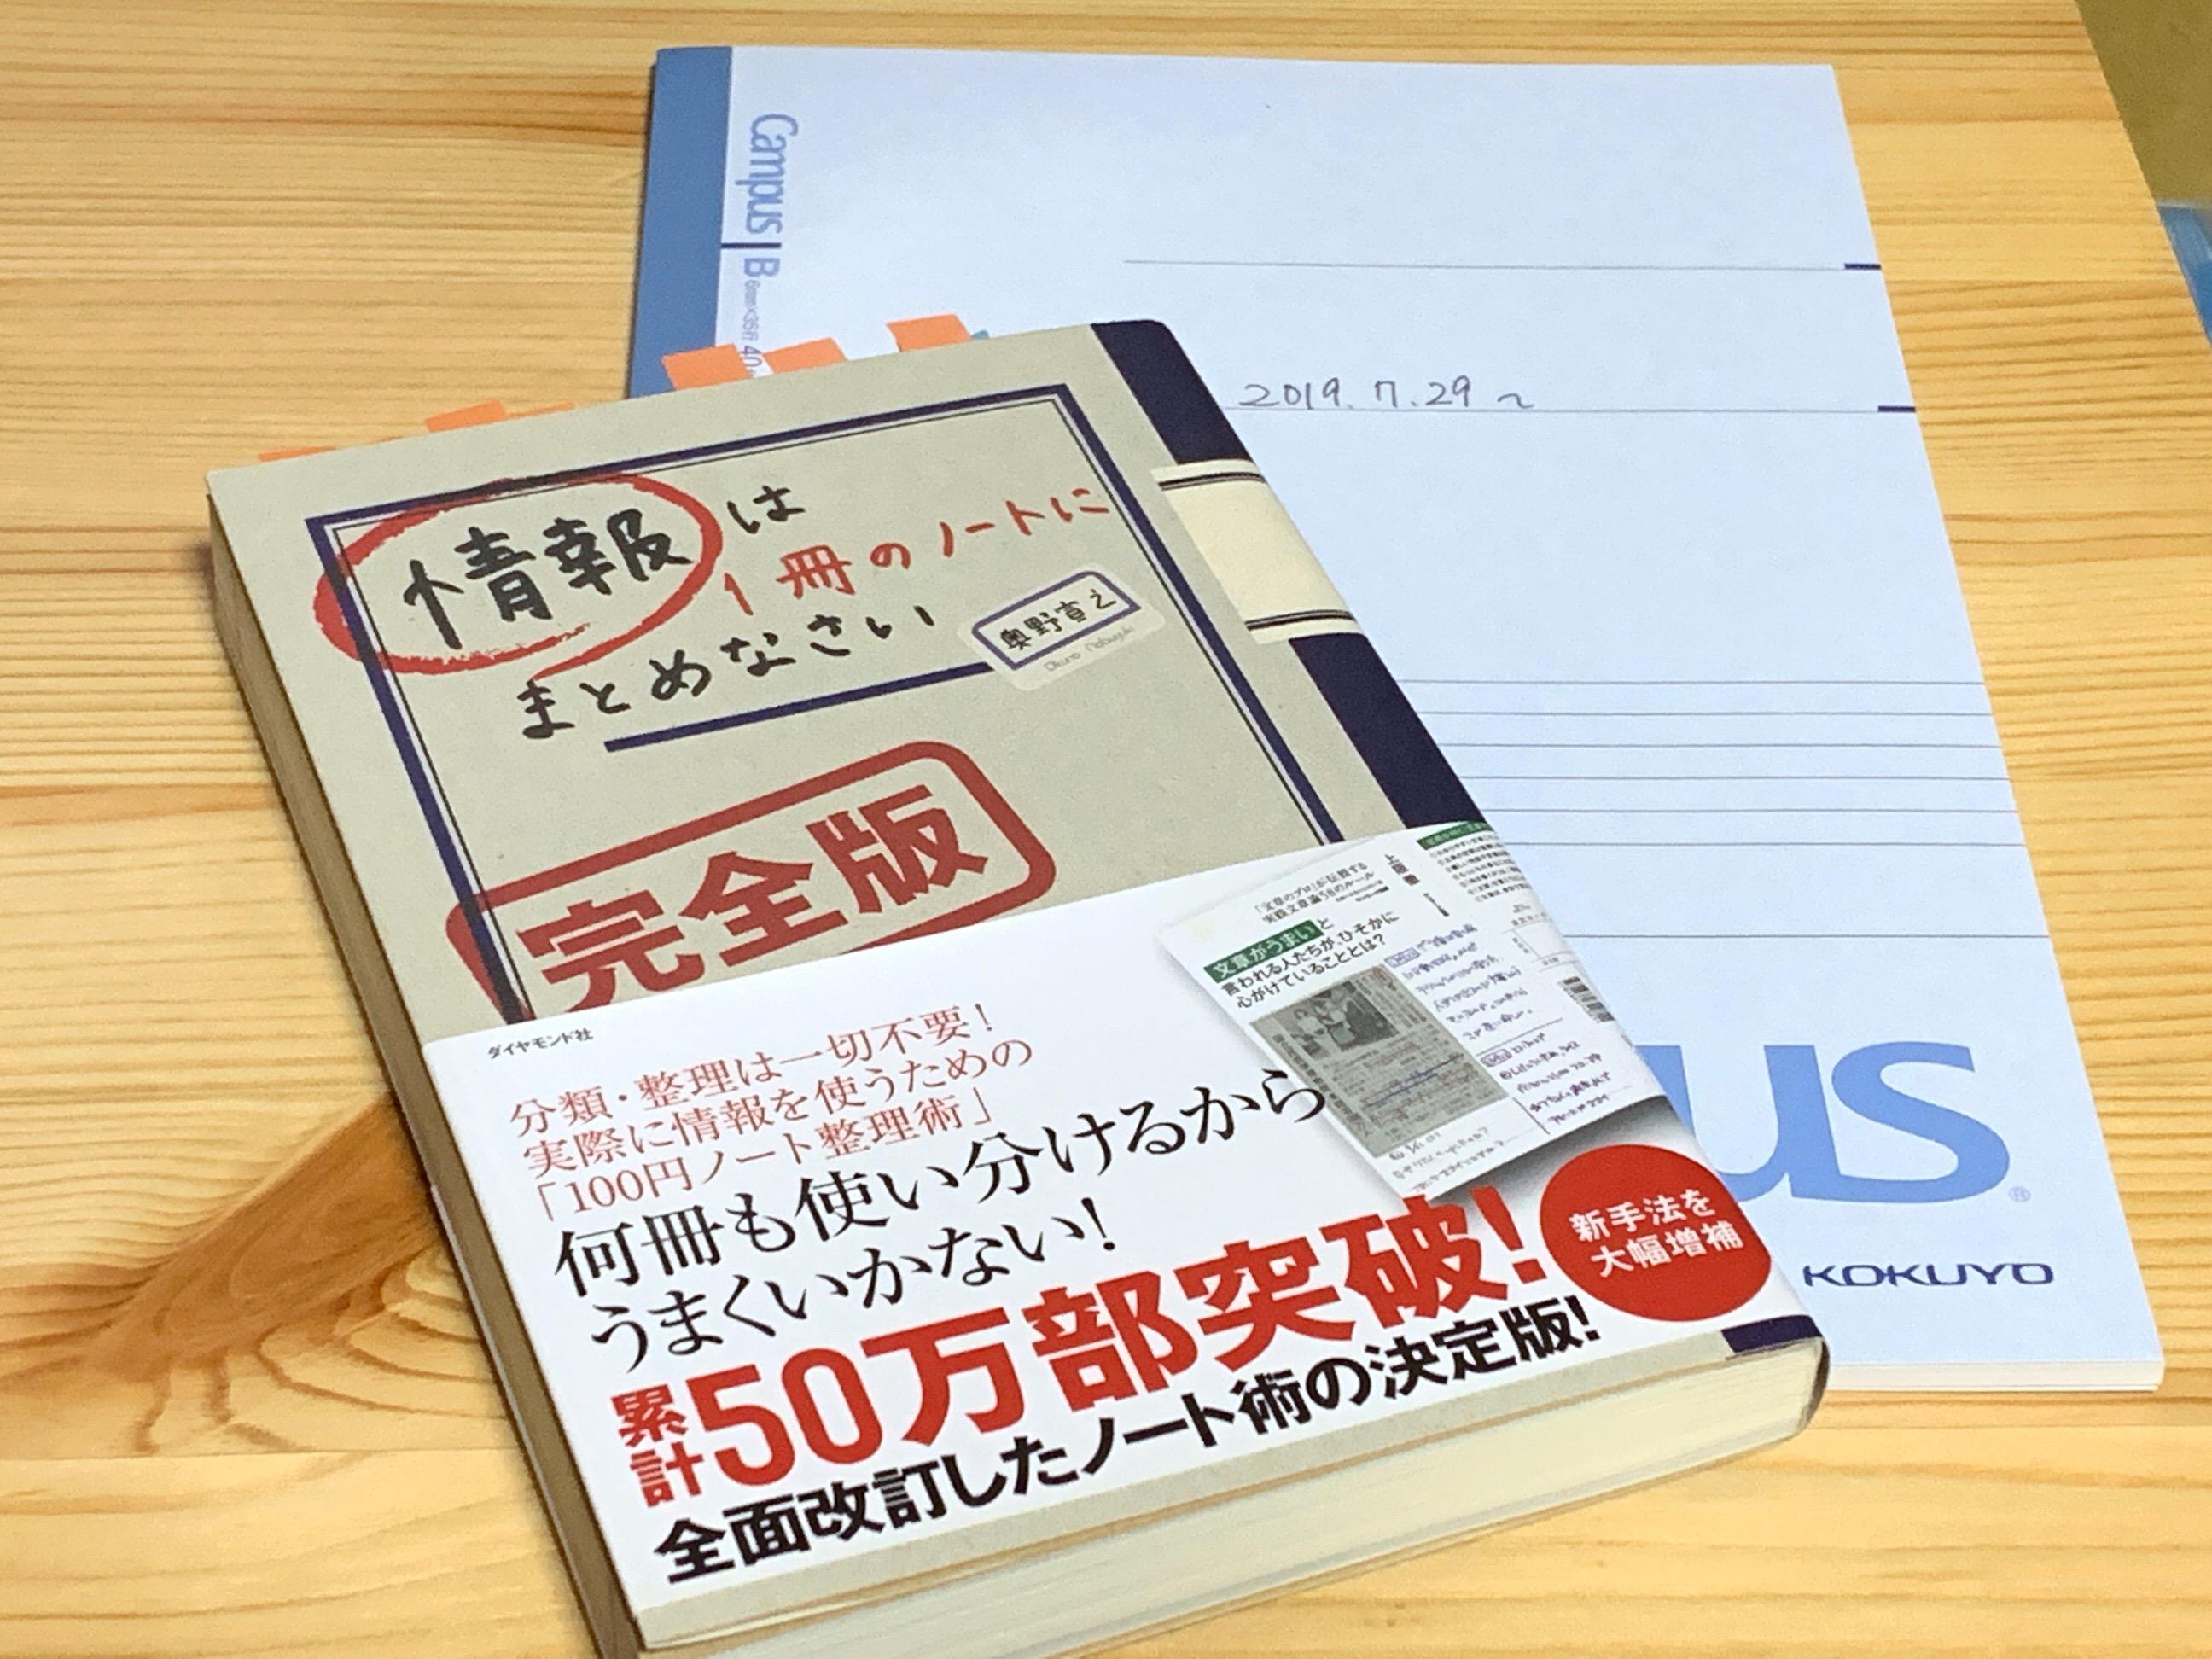 情報は1冊のノートにまとめなさい note